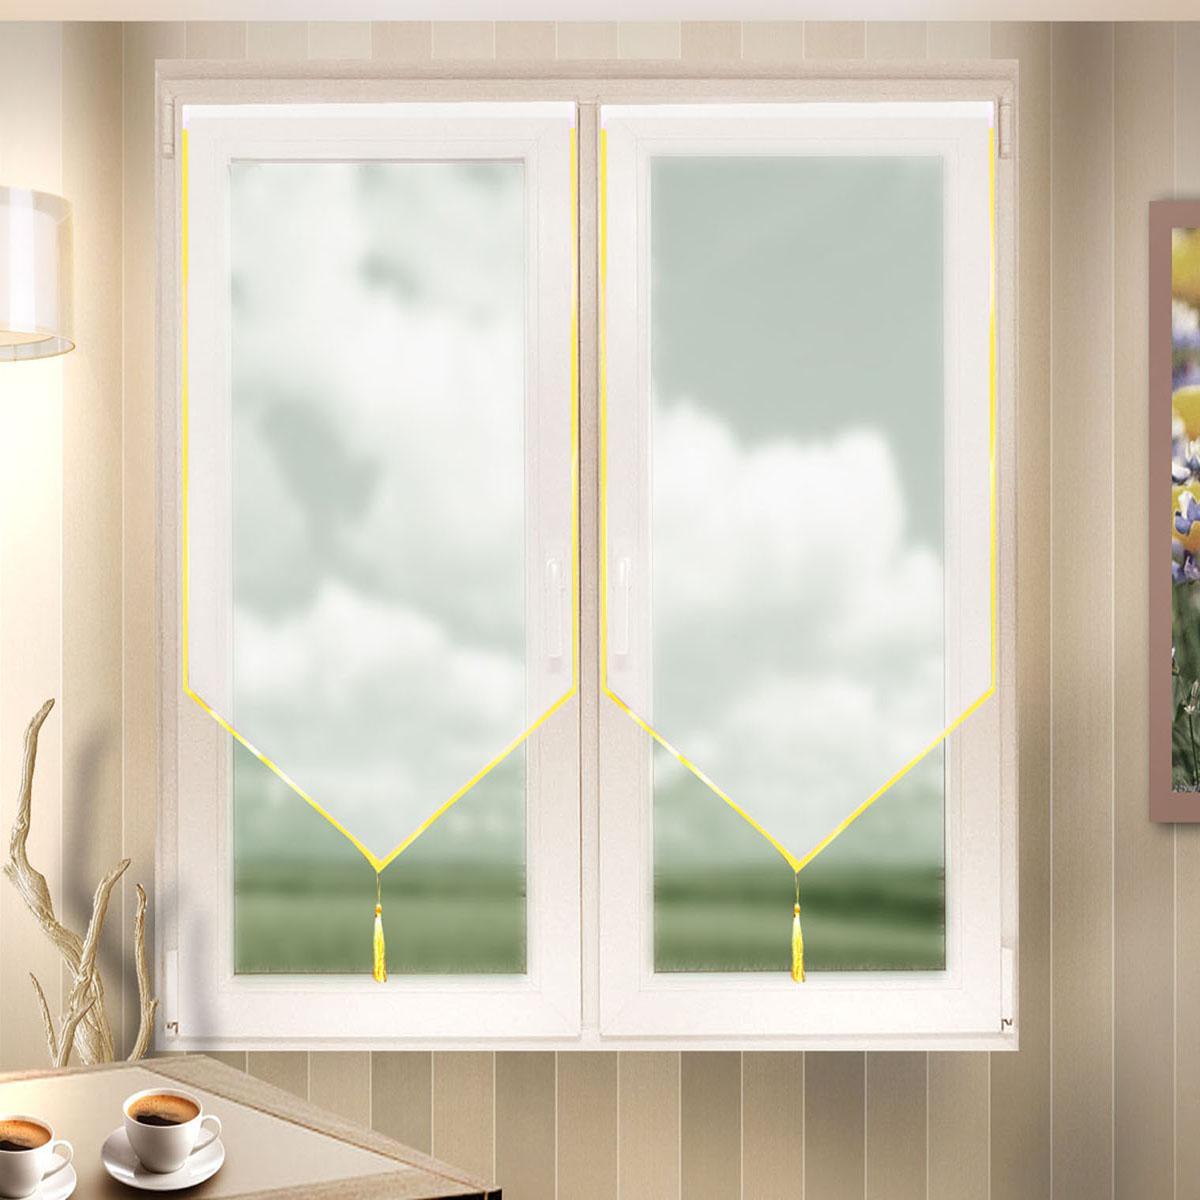 Гардина Zlata Korunka, цвет: белый, ширина 60 см, высота 140 см. 666022666022Лучшая альтернатива рулонным шторам на кухне – шторы на липкой ленте. Особенность этих штор заключается в том, что они имеют липкую основу в месте крепления . Лента или основа надежно и быстро крепится на раму окна, а на нее фиксируется сама штора. Размеры: ширина 60* высота 140